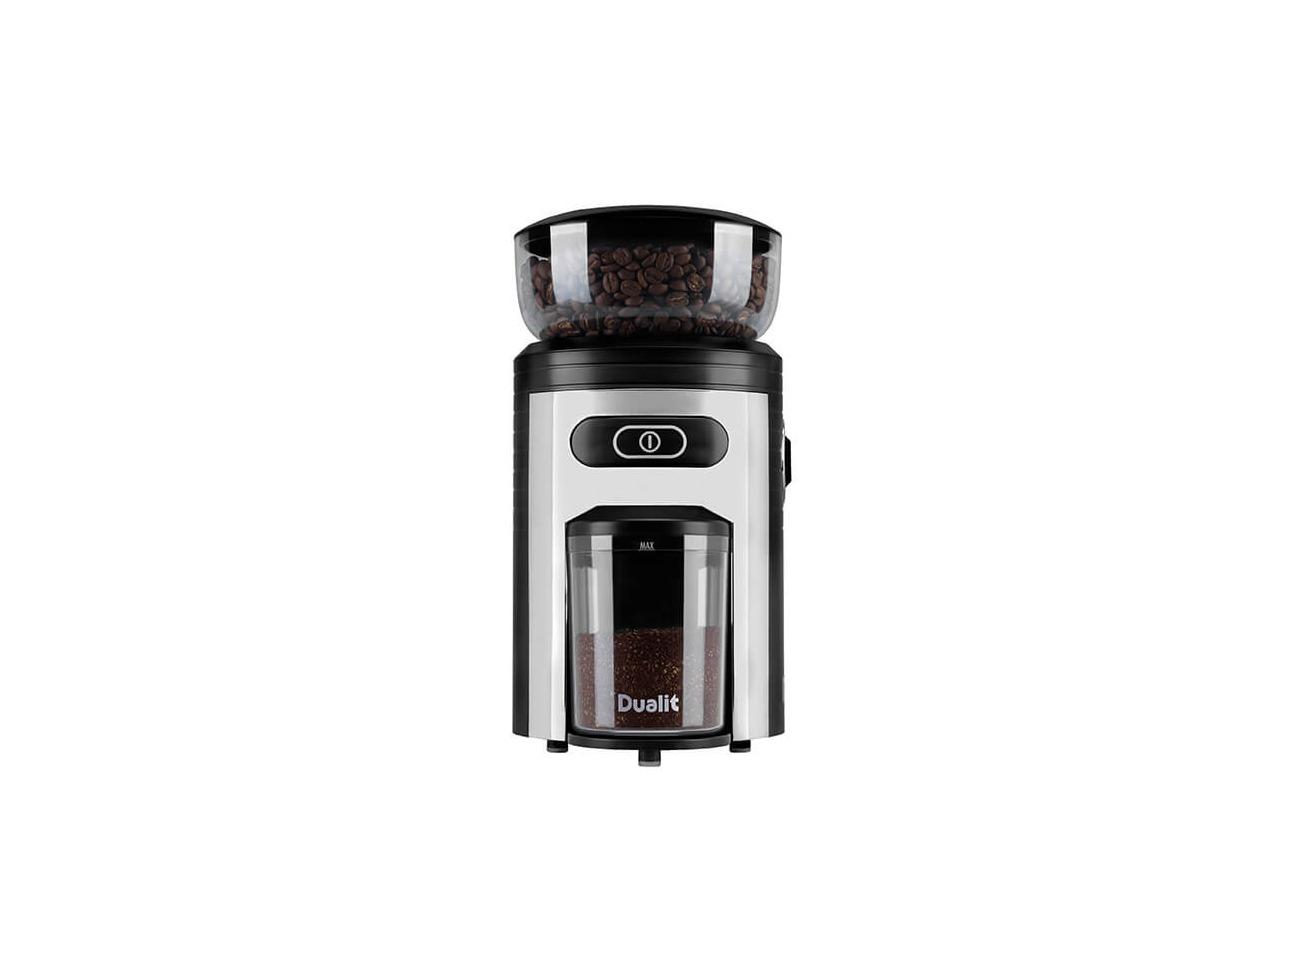 Dualit Coffee Grinder